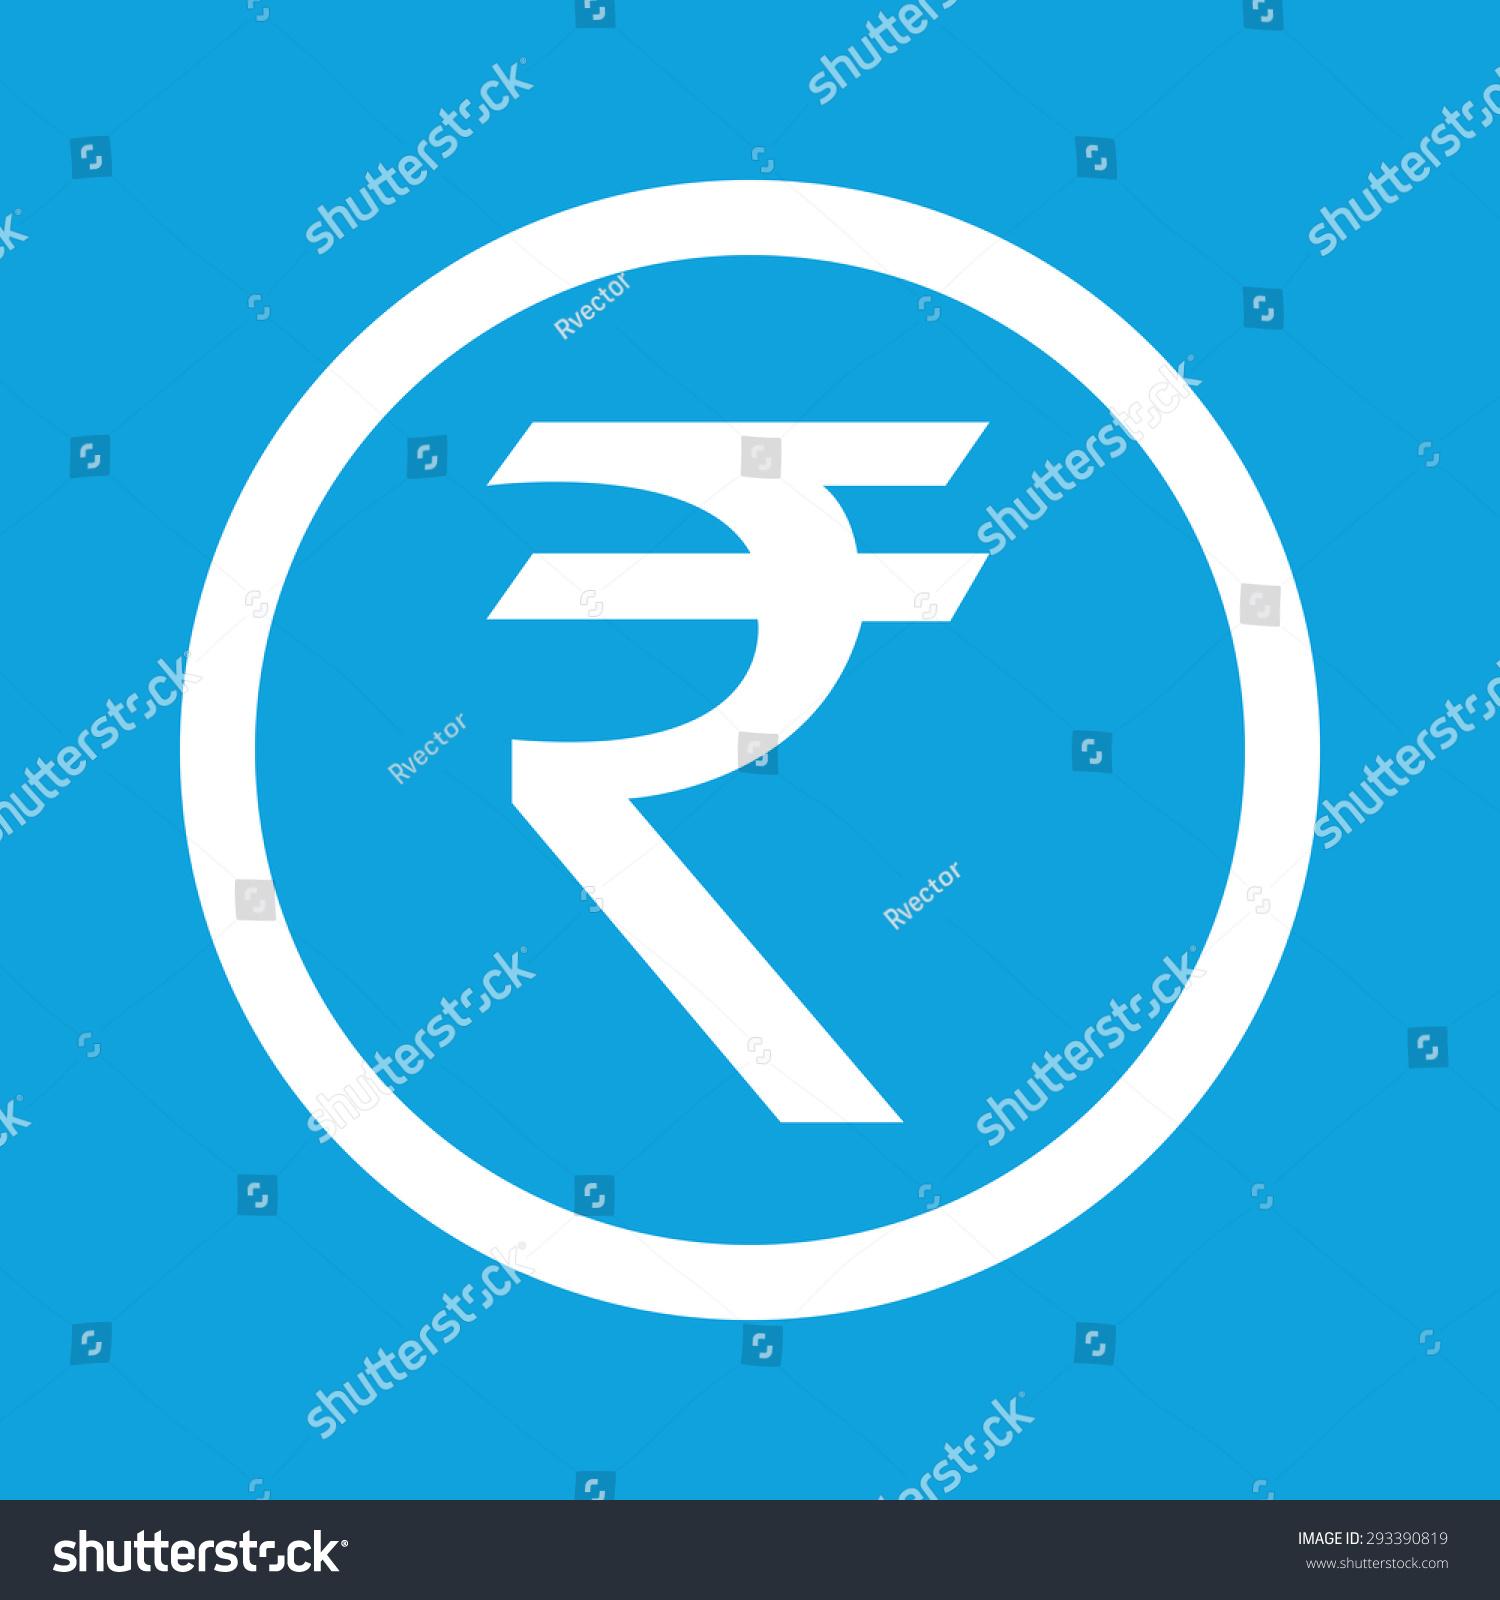 Indian rupee symbol circle isolated on stock illustration indian rupee symbol in circle isolated on blue buycottarizona